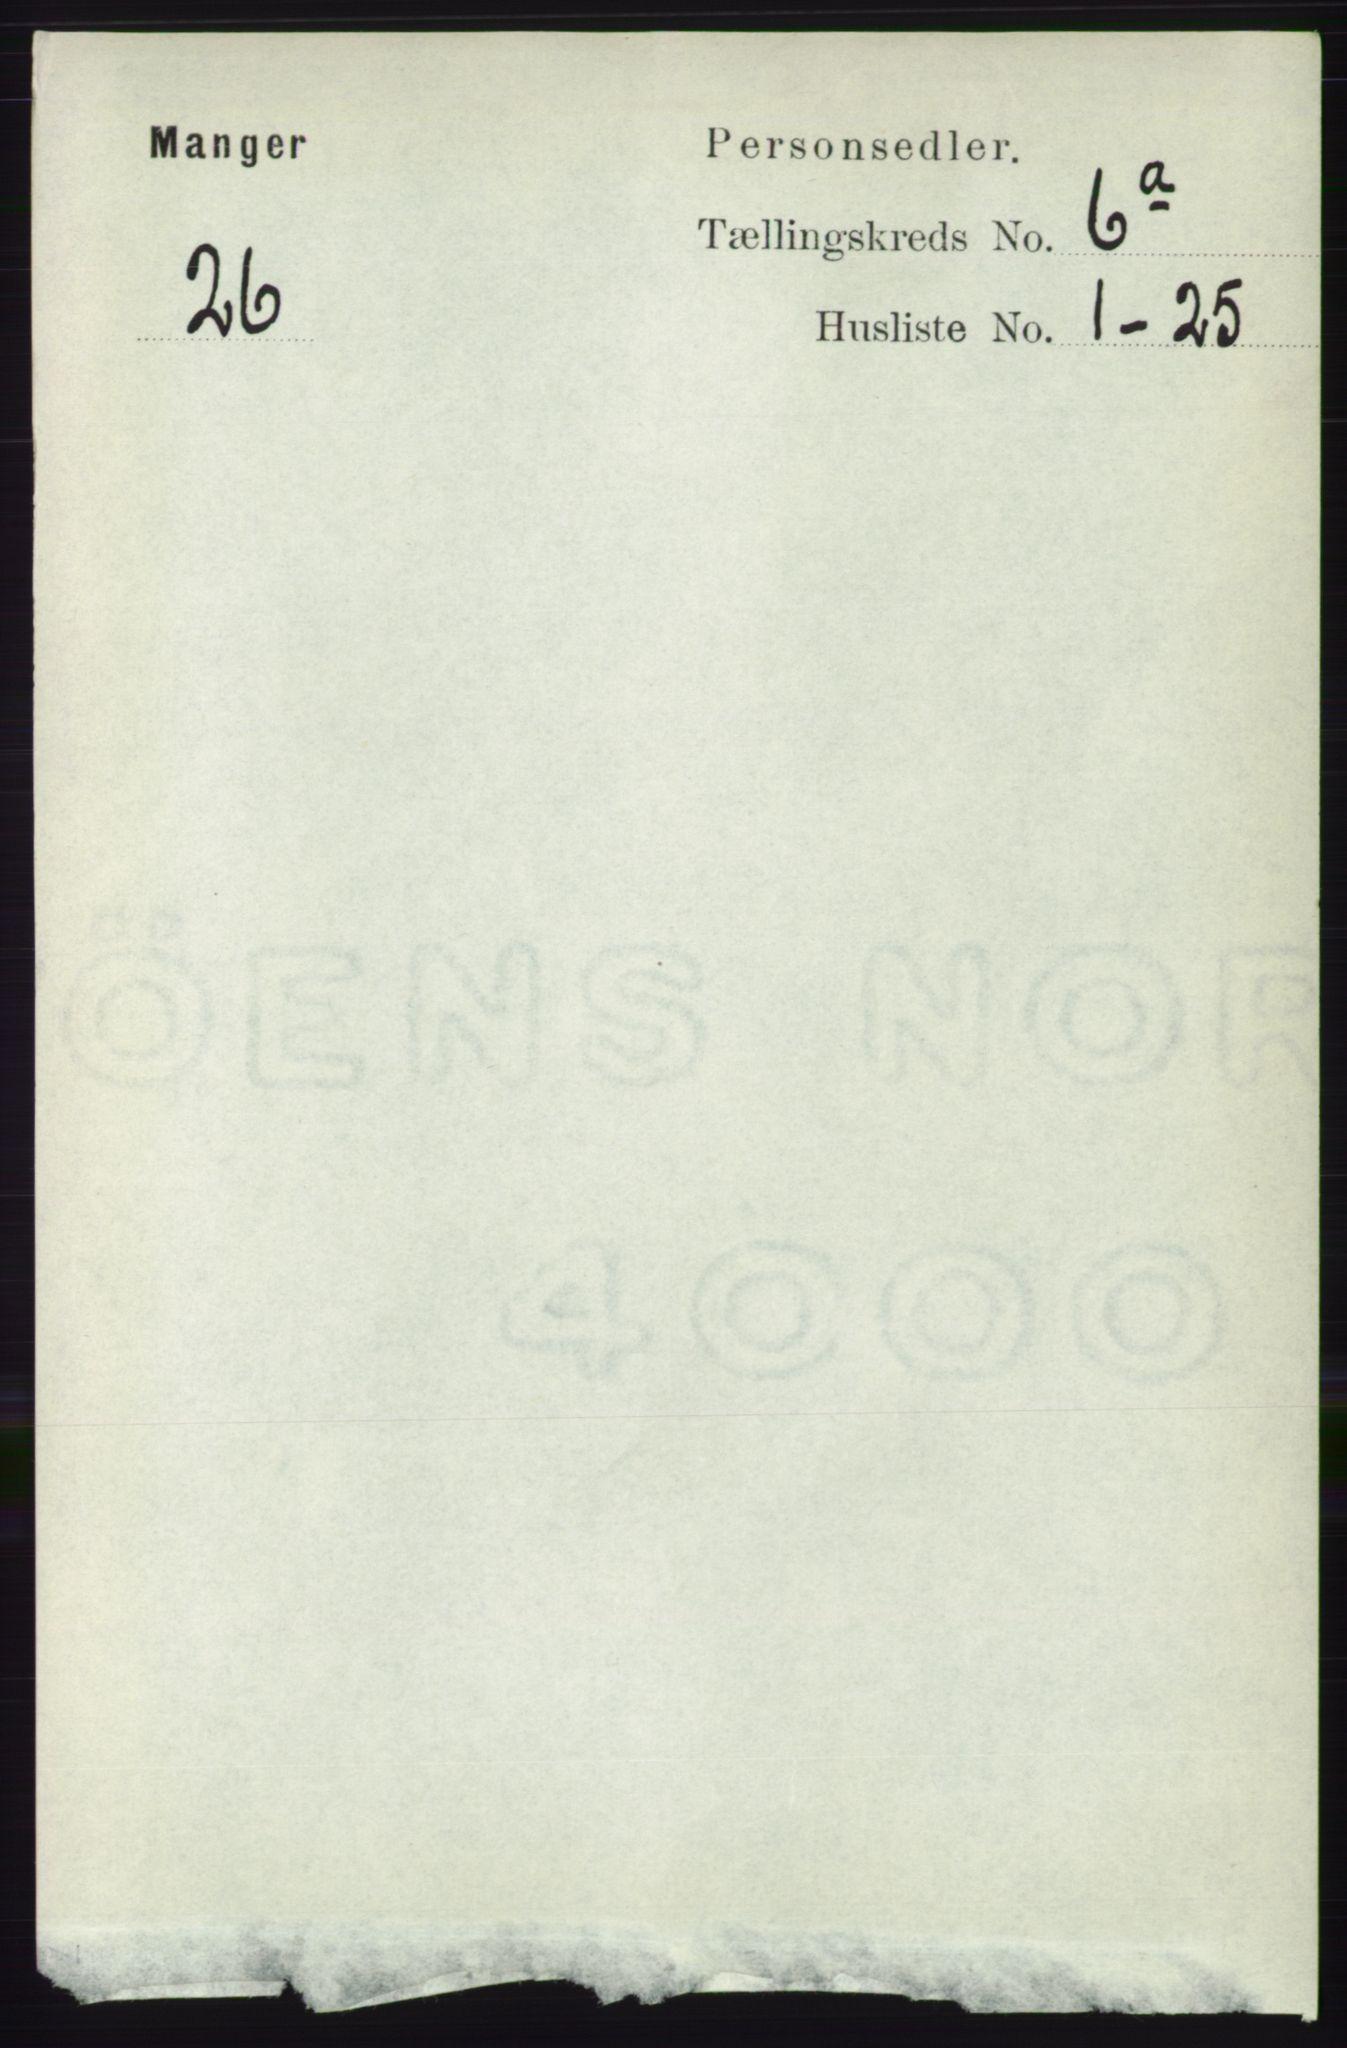 RA, Folketelling 1891 for 1261 Manger herred, 1891, s. 3410